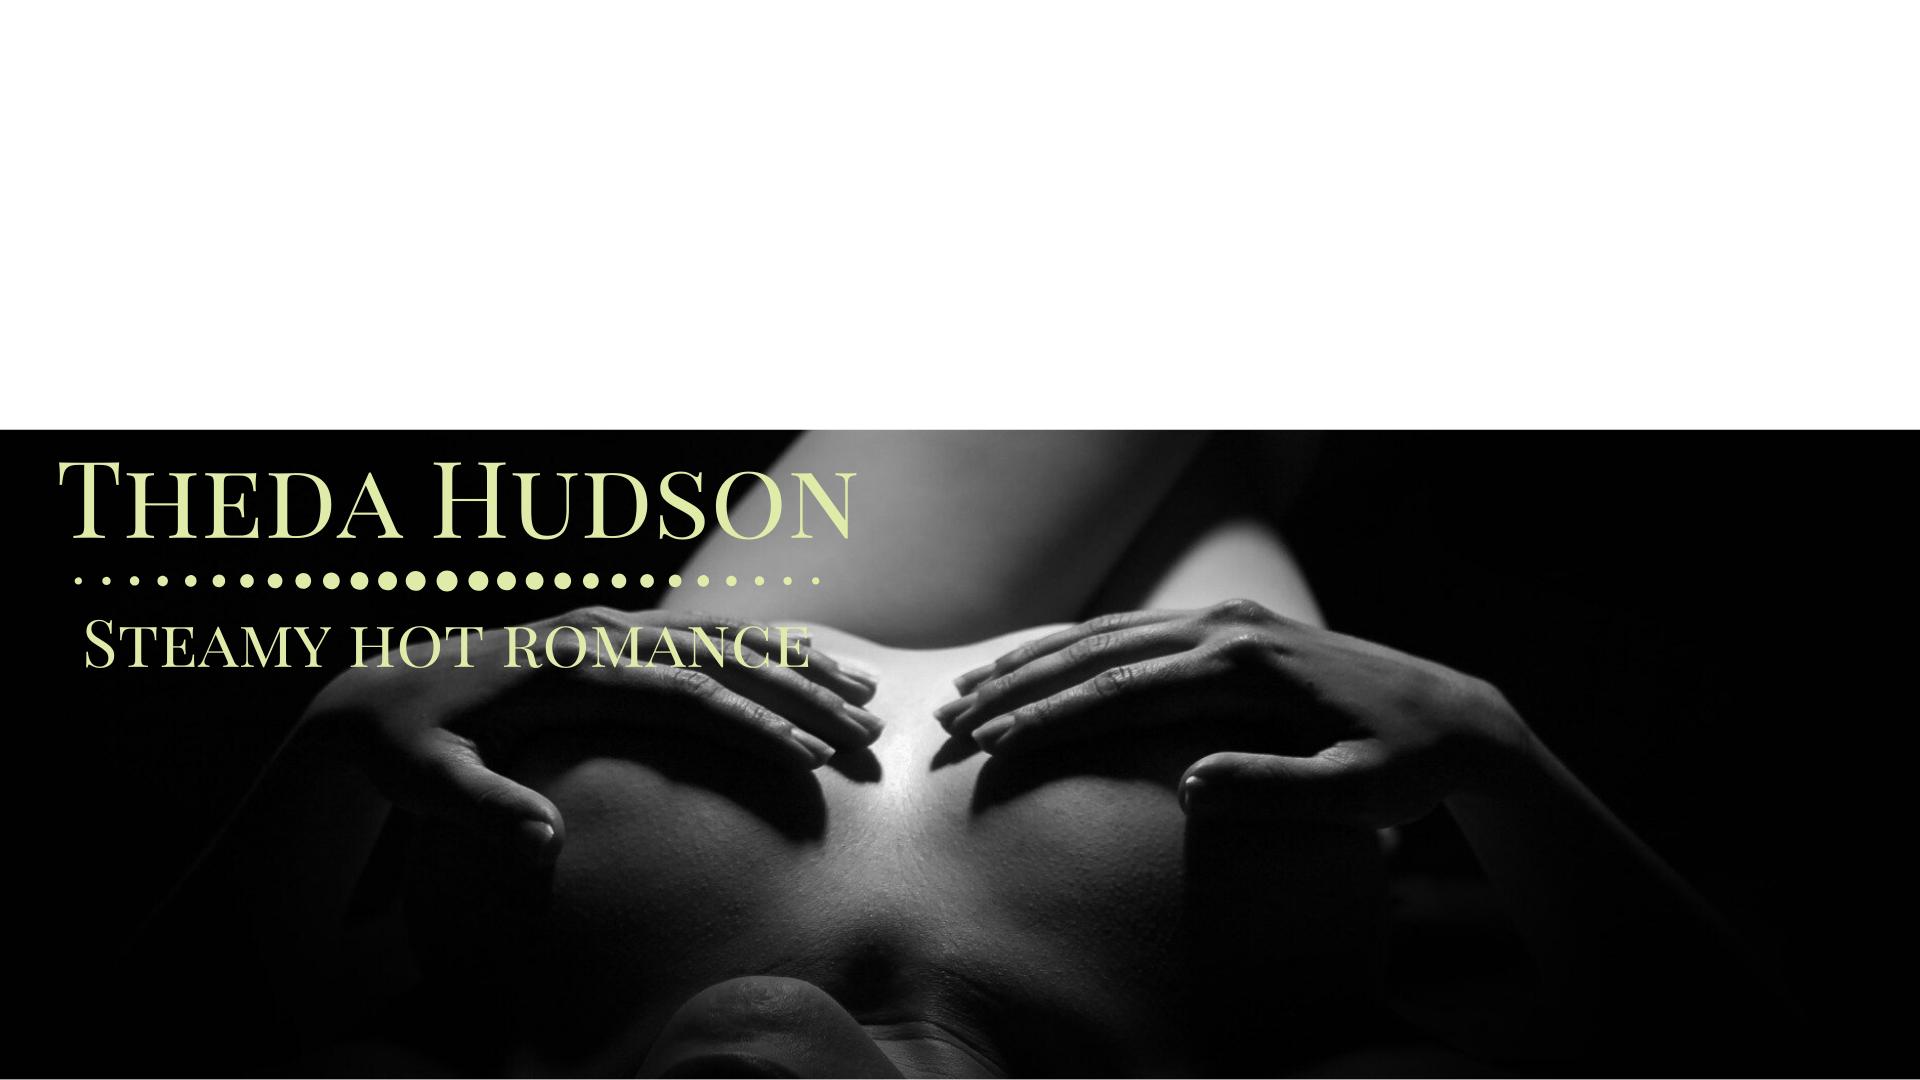 Theda Hudson